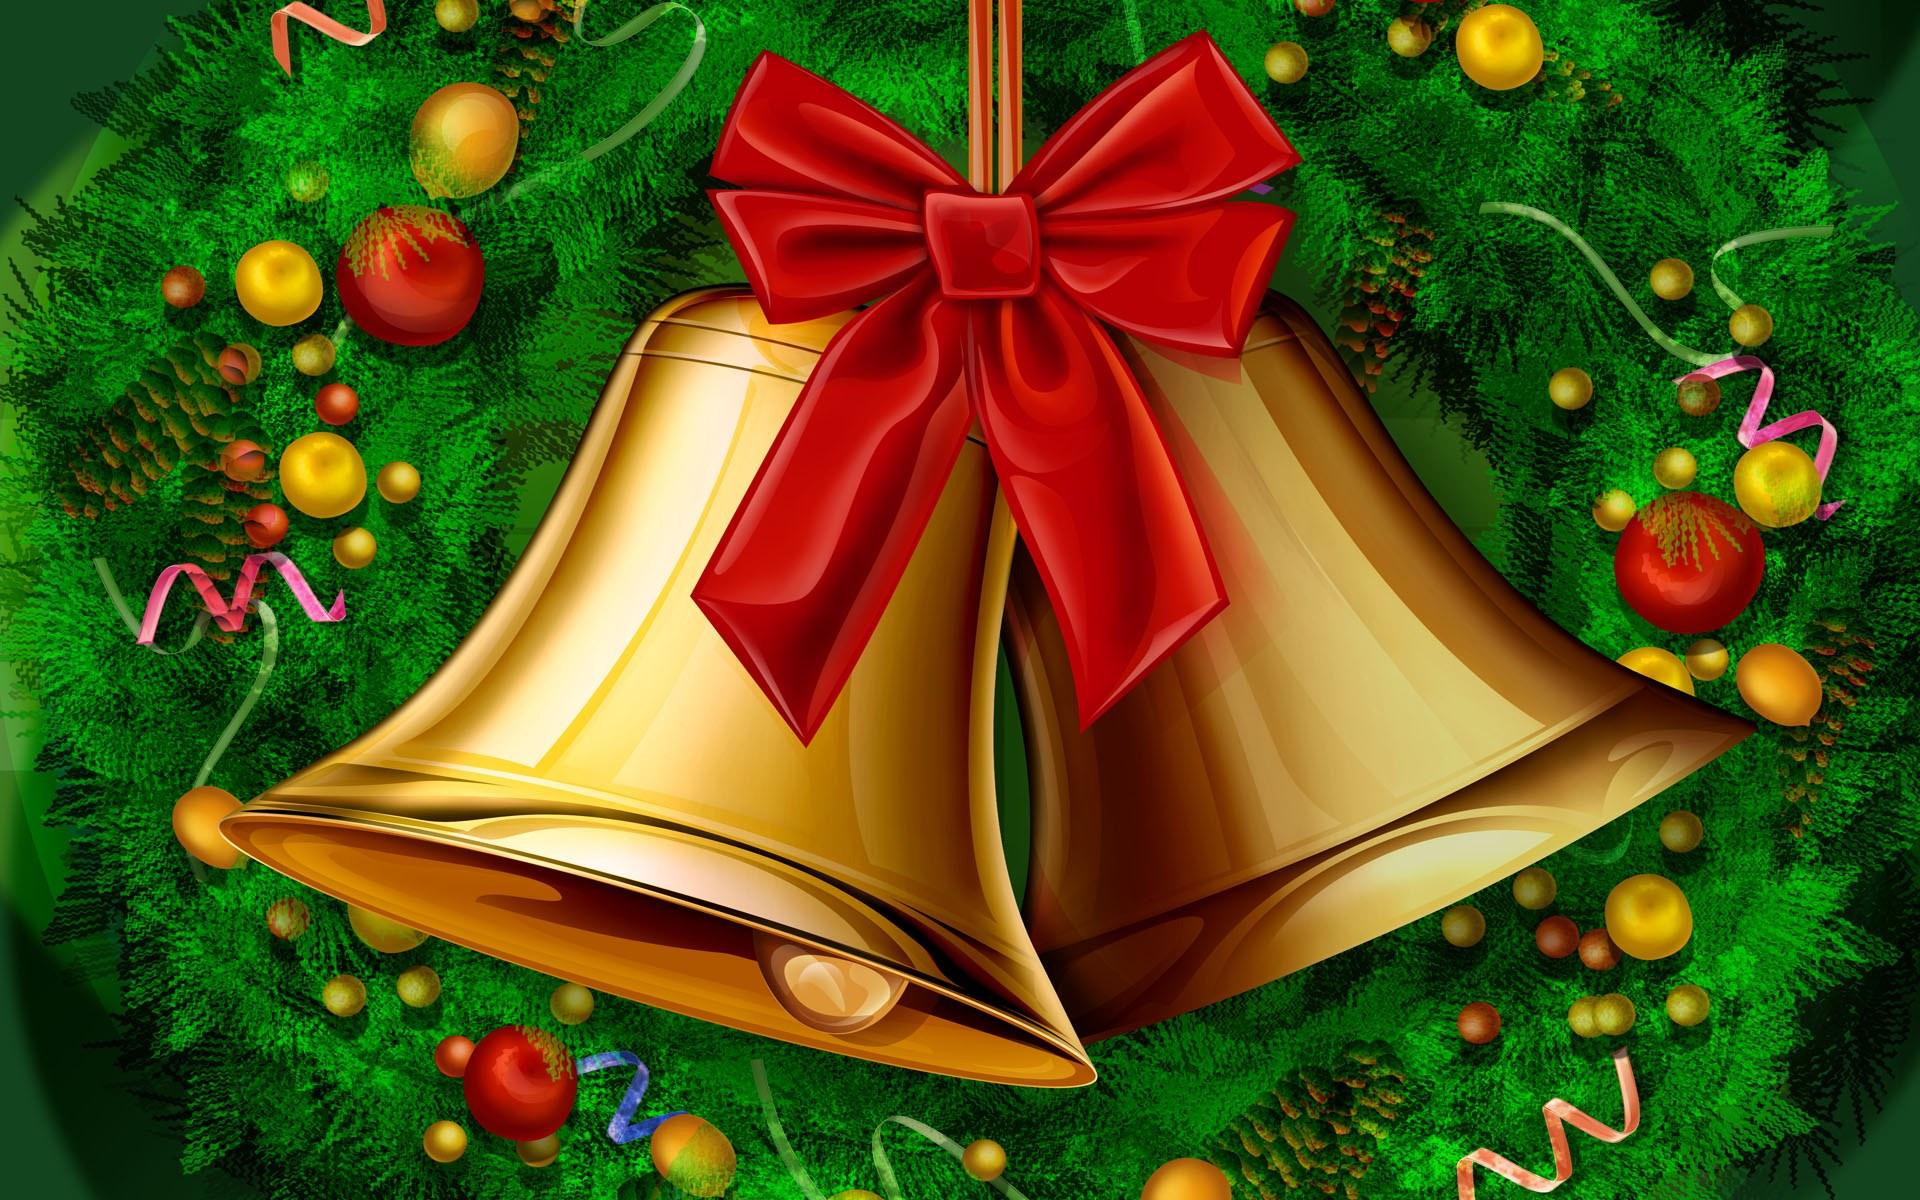 Christmas Bell Wallpaper 1920x1200 26266